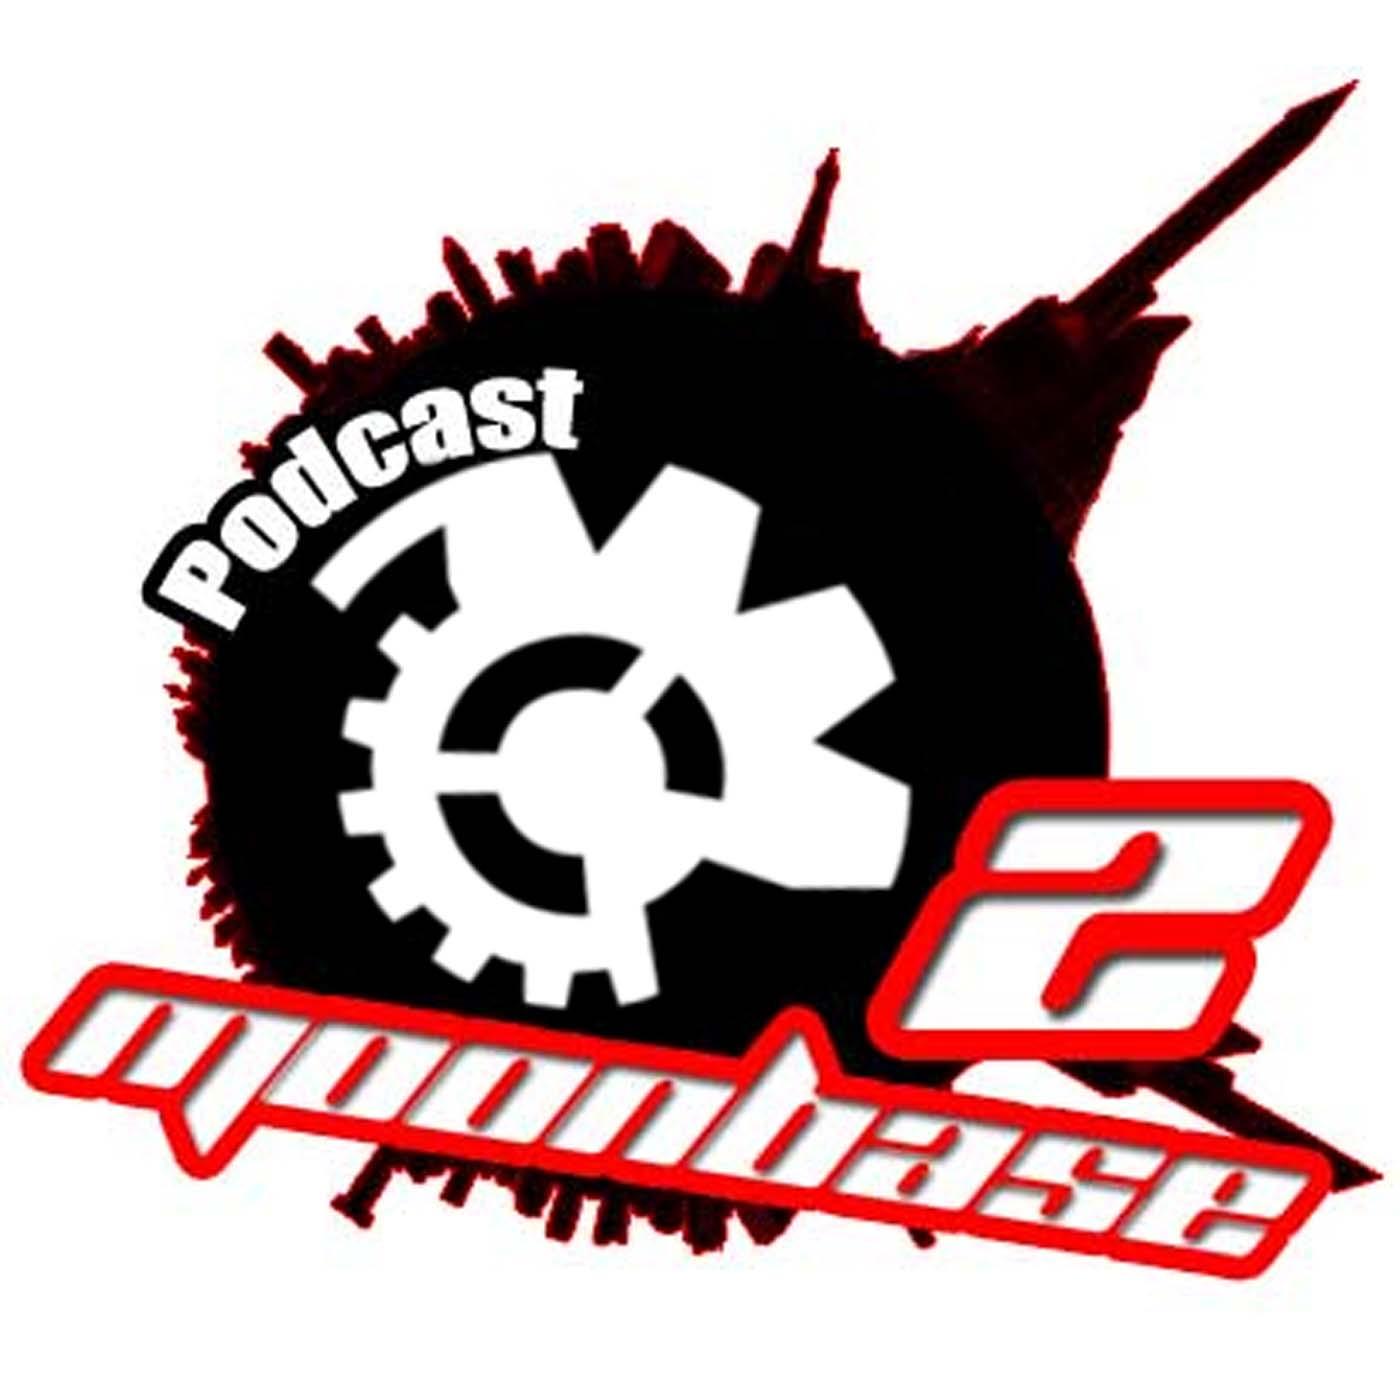 Artwork for Moonbase 2 Botcon 2008